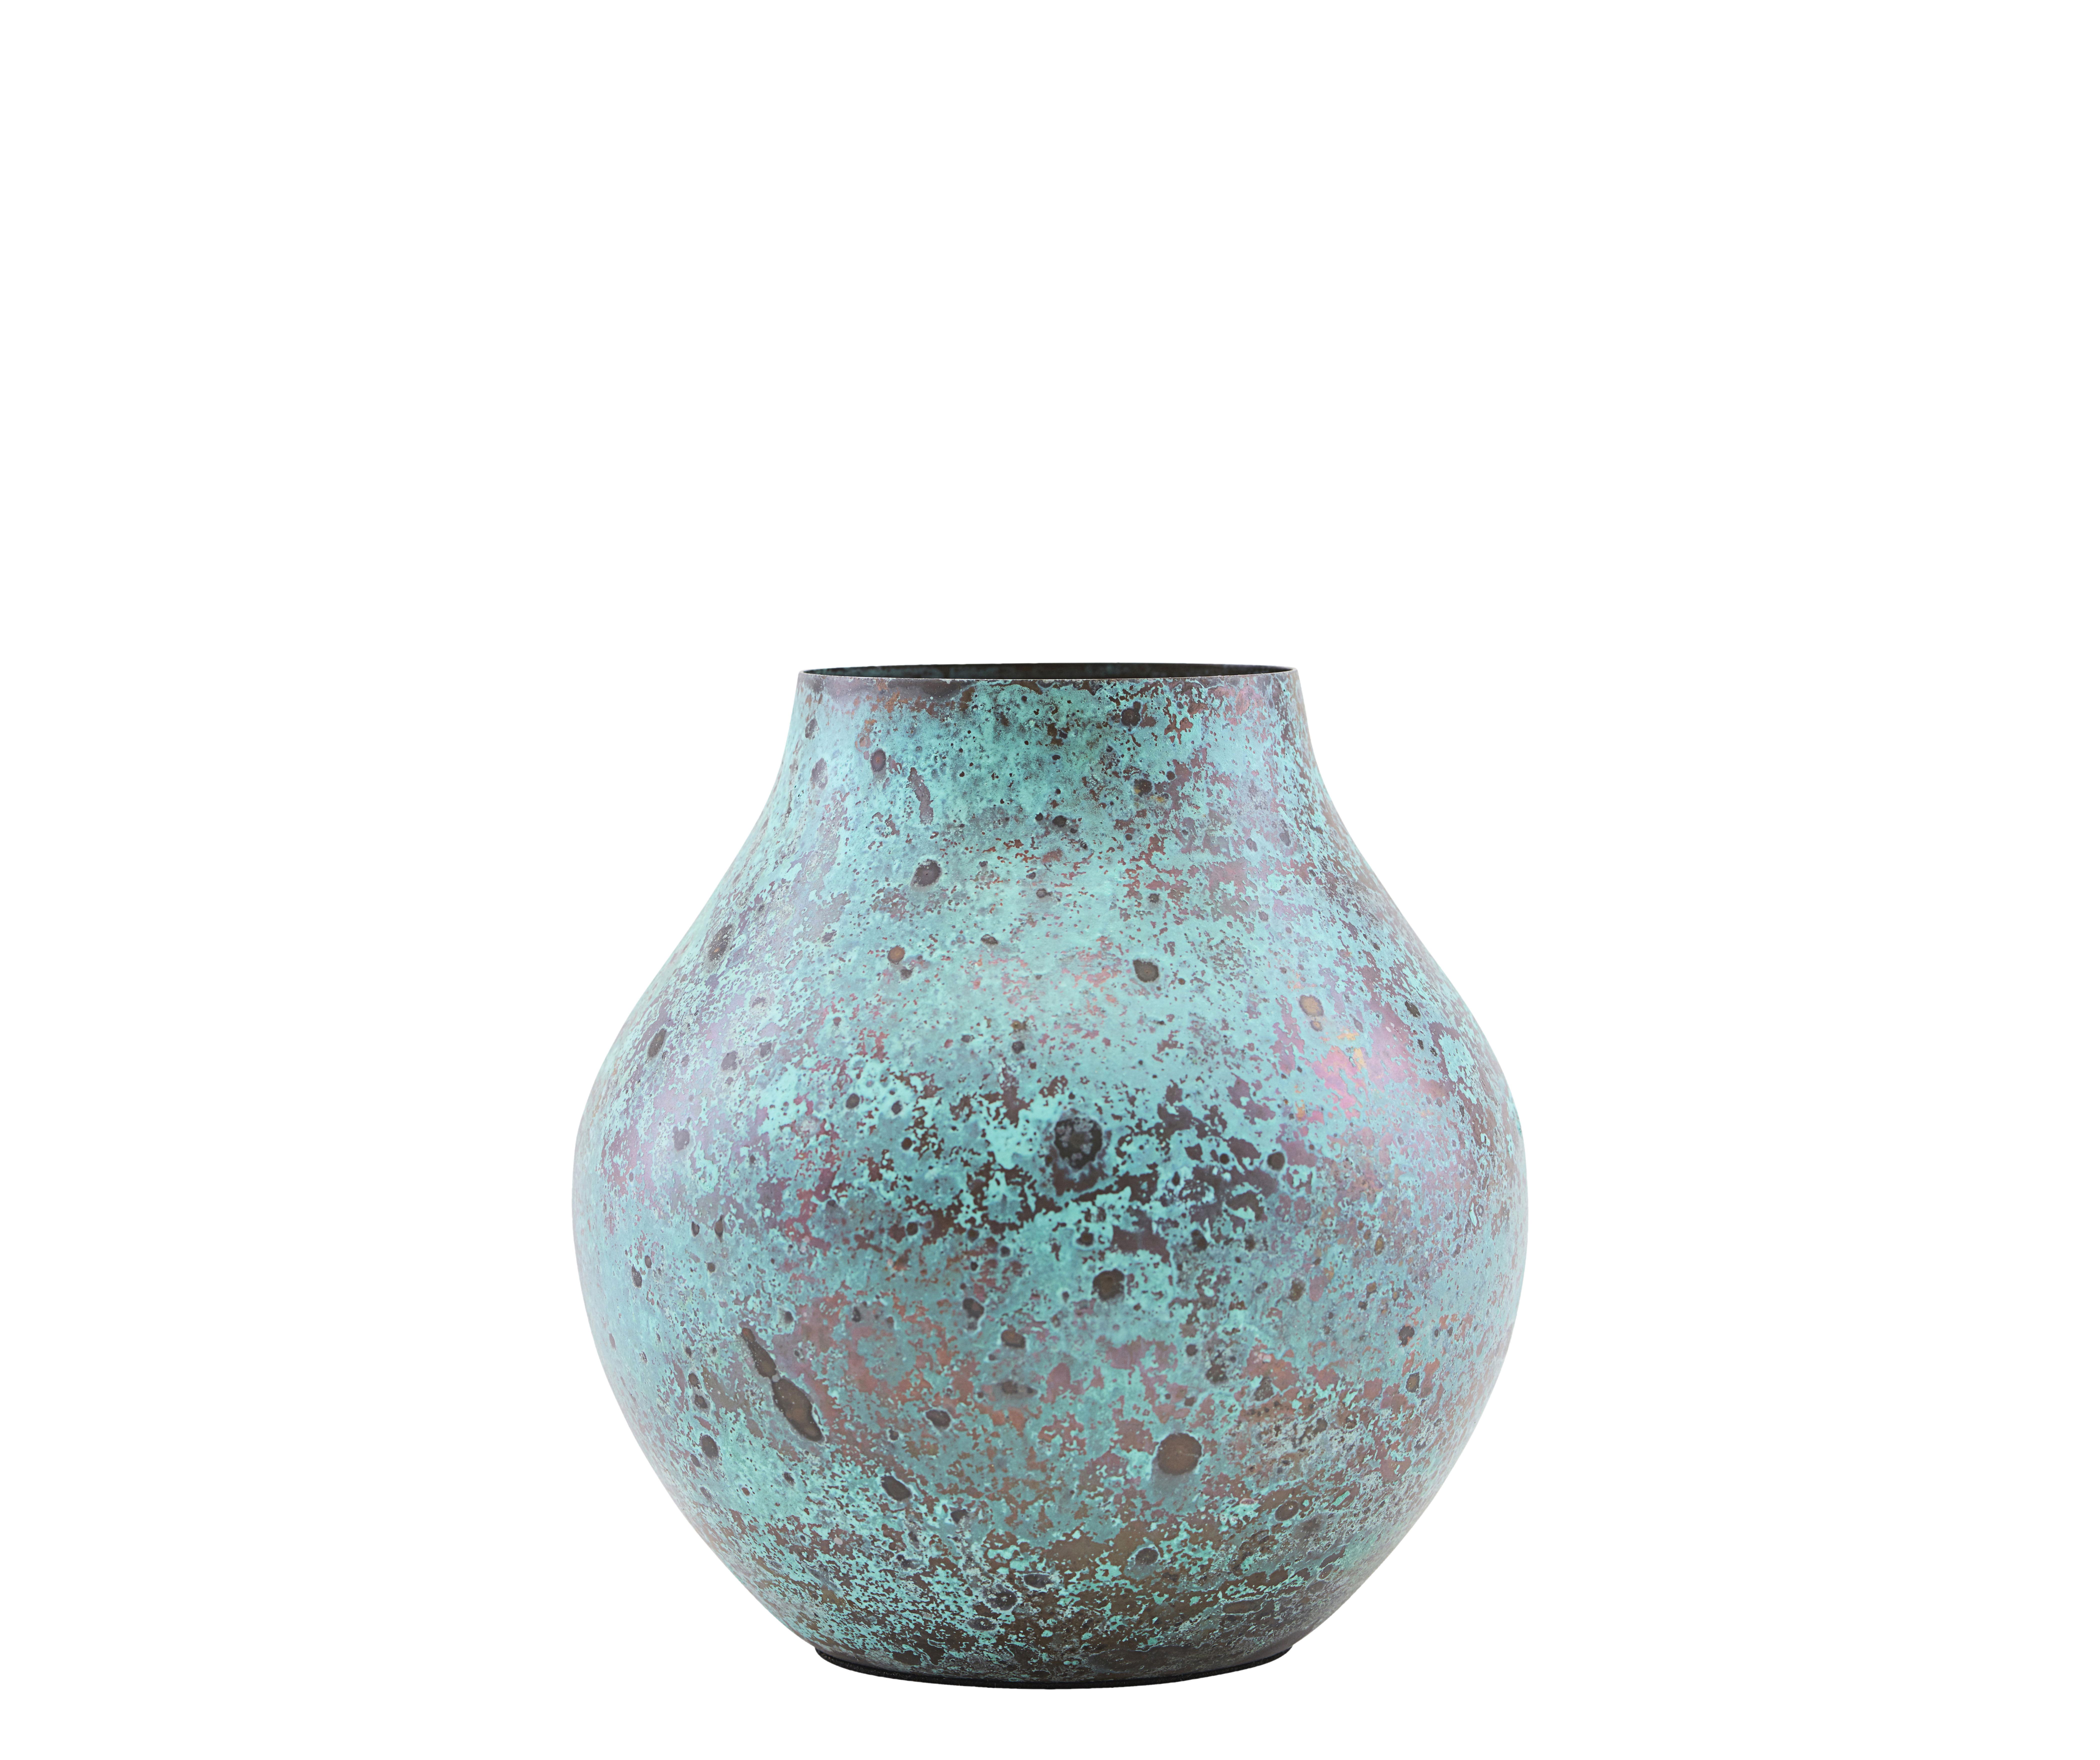 Déco - Pots et plantes - Vase Kojo / Ø 6 x H 12 cm - Acier - House Doctor - Turquoise oxydé - Acier